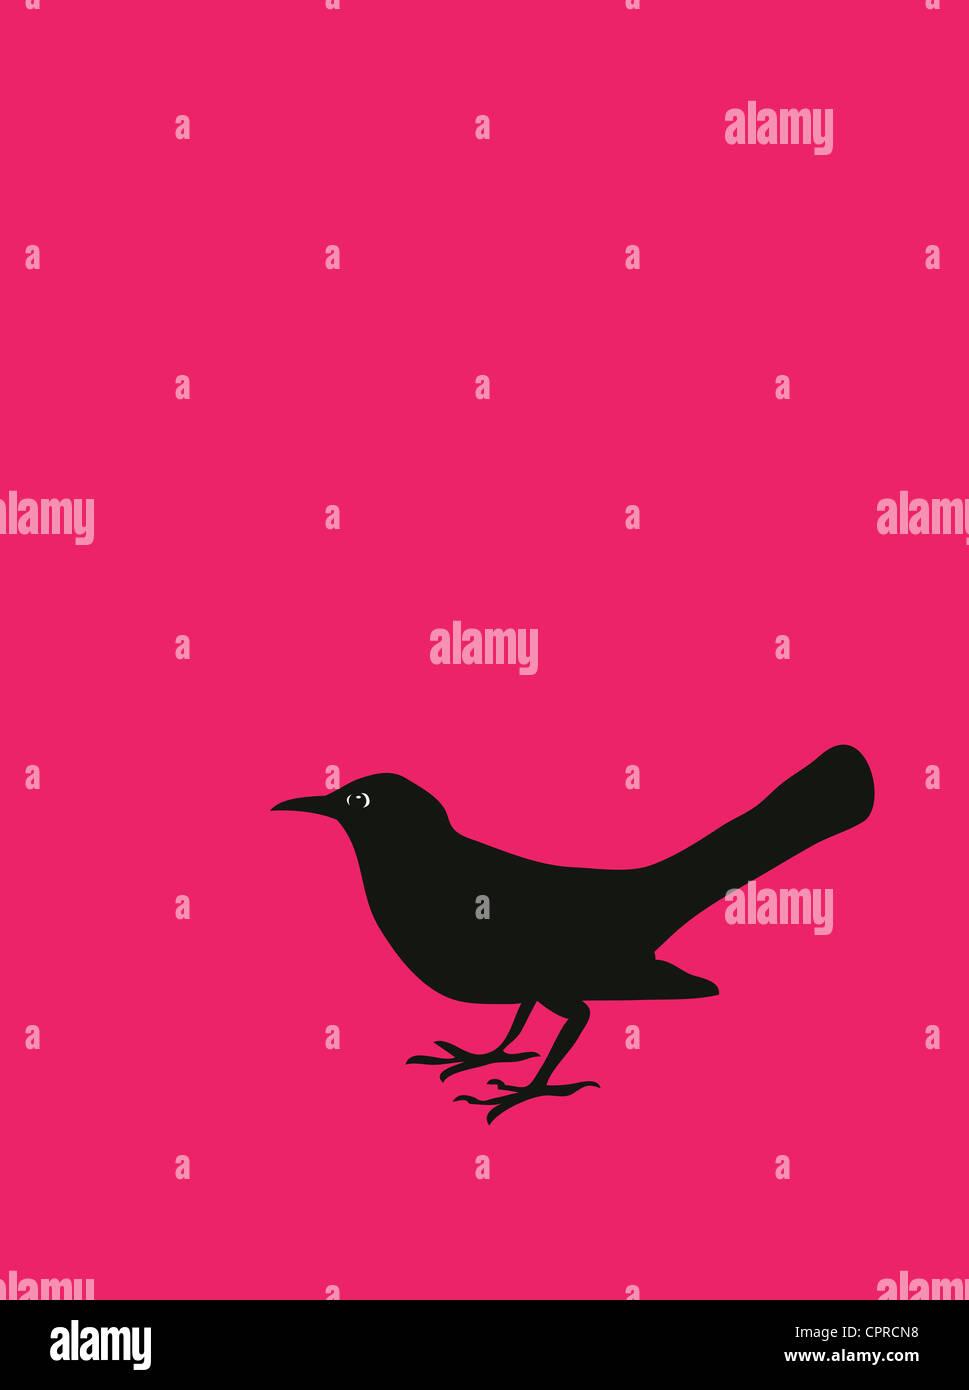 Eine Amsel auf einem rosa Hintergrund. Stockbild